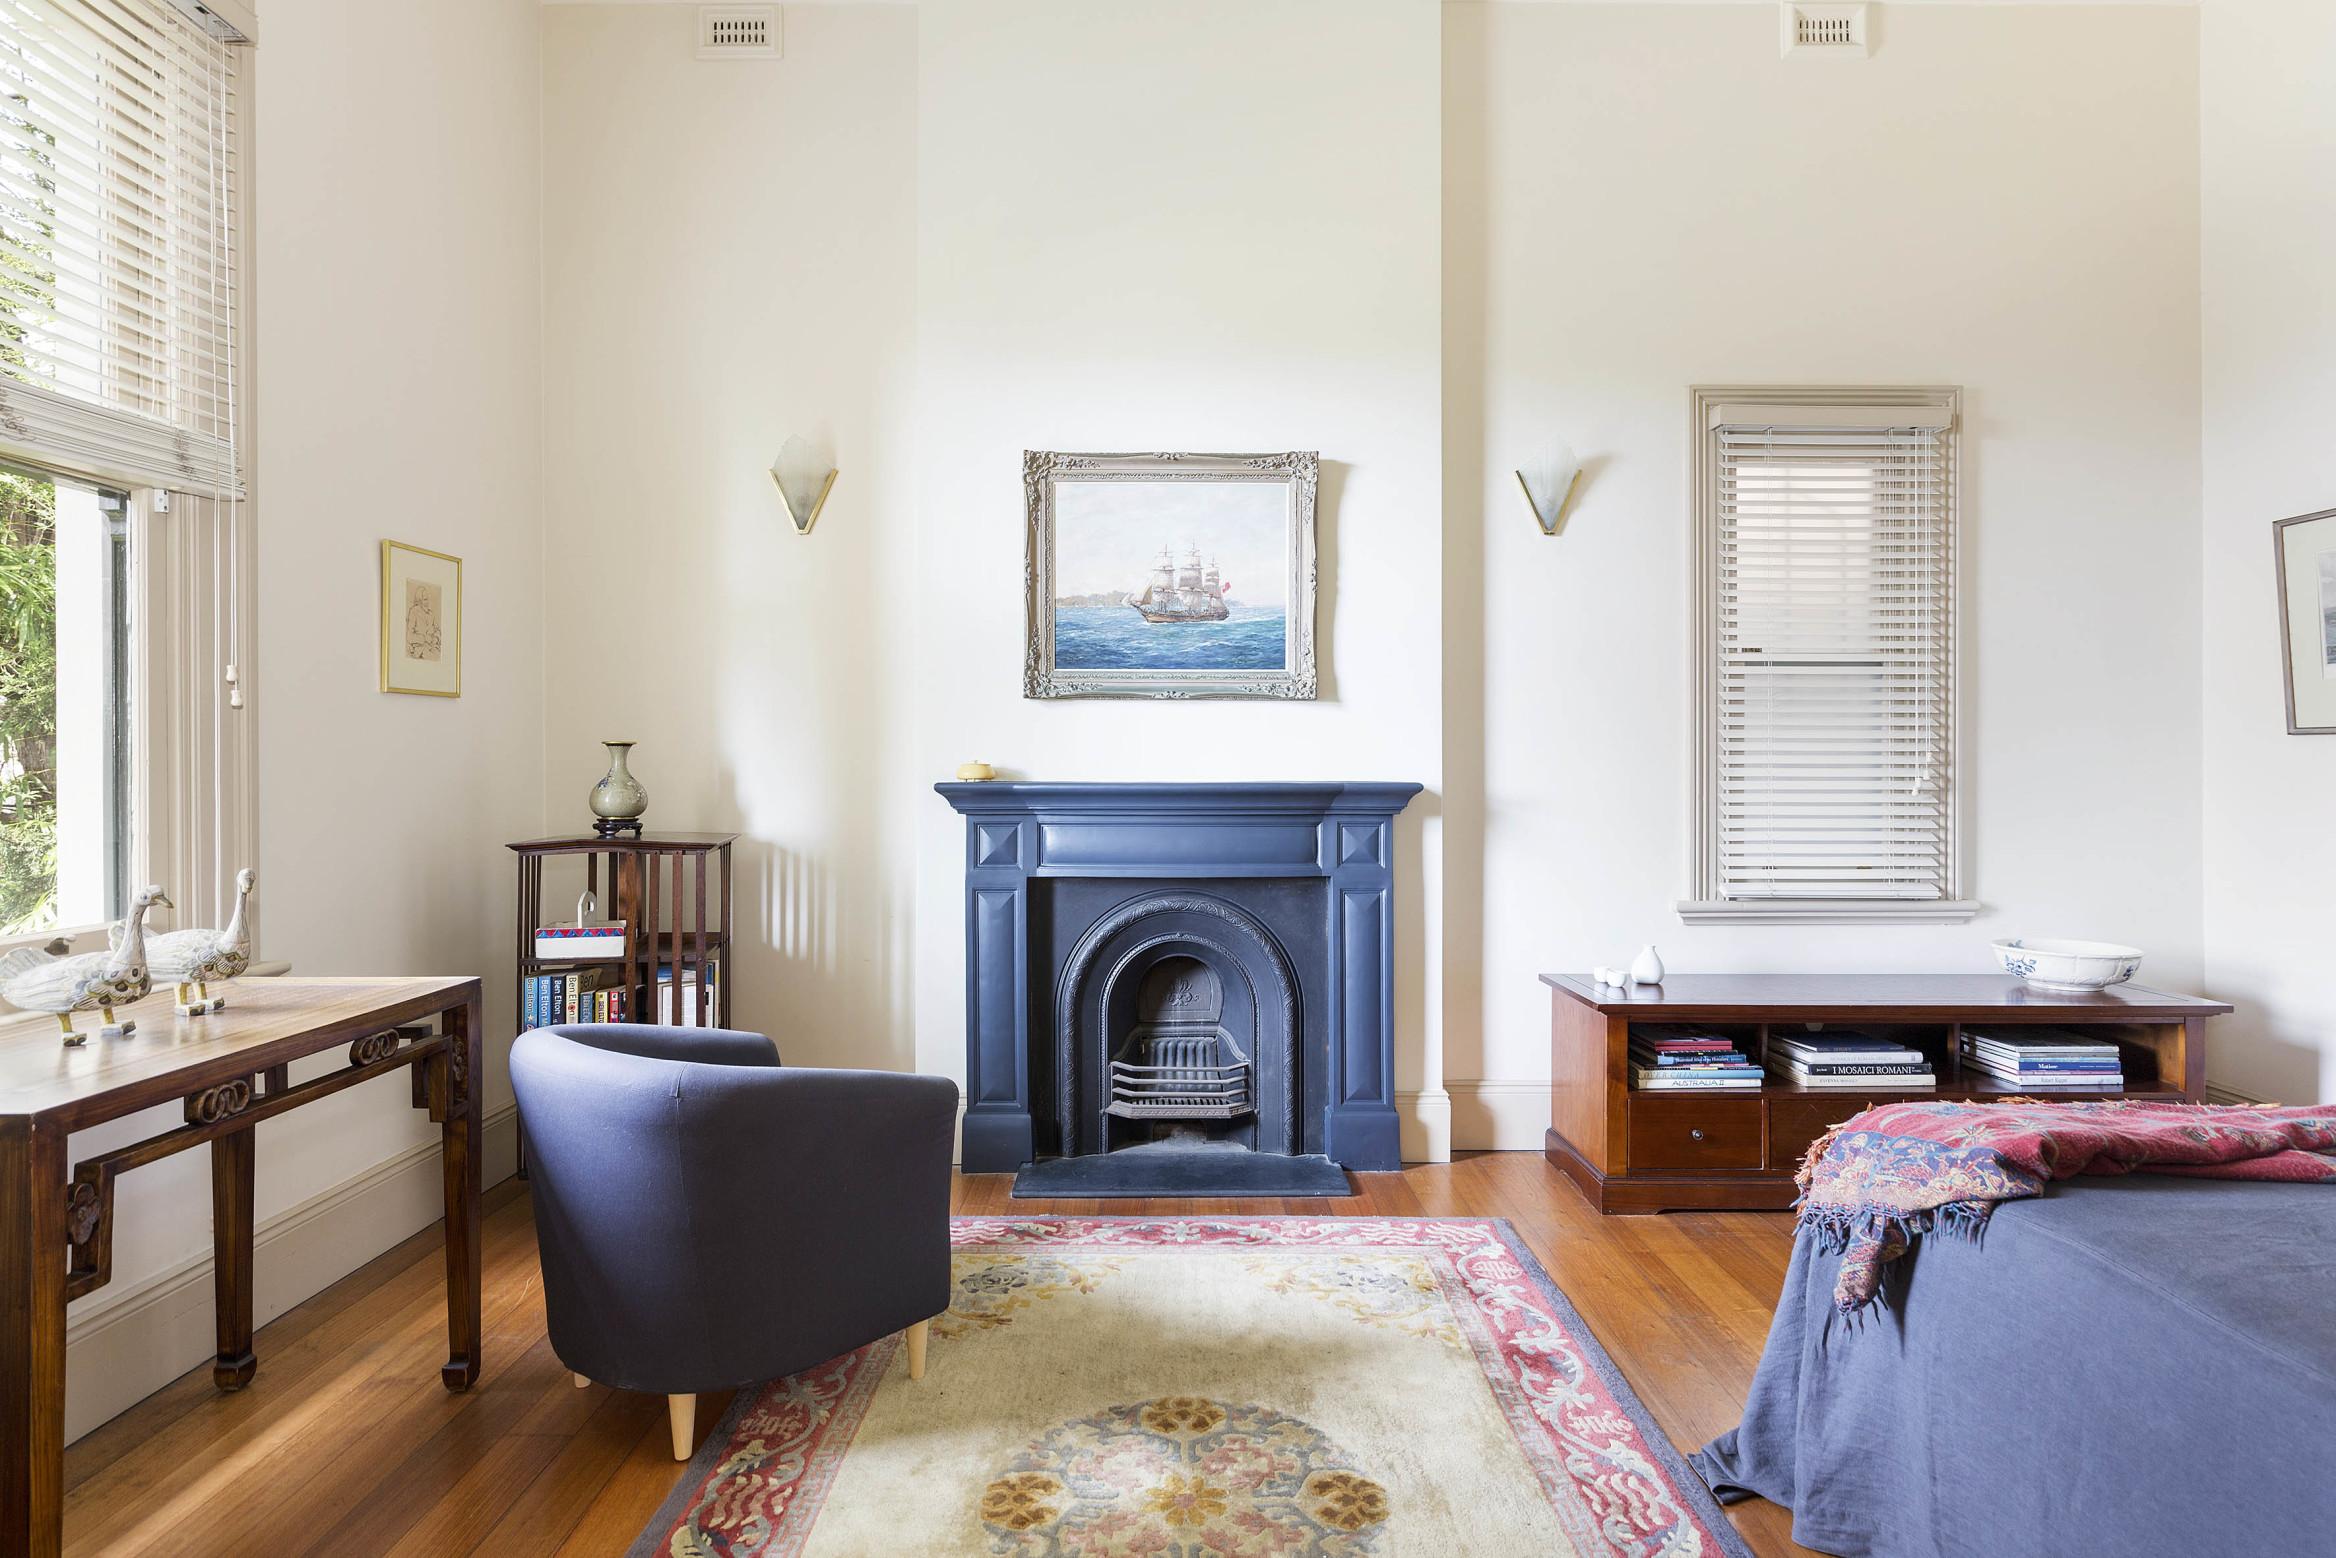 270 johnston street annandale 2038 house for sale. Black Bedroom Furniture Sets. Home Design Ideas